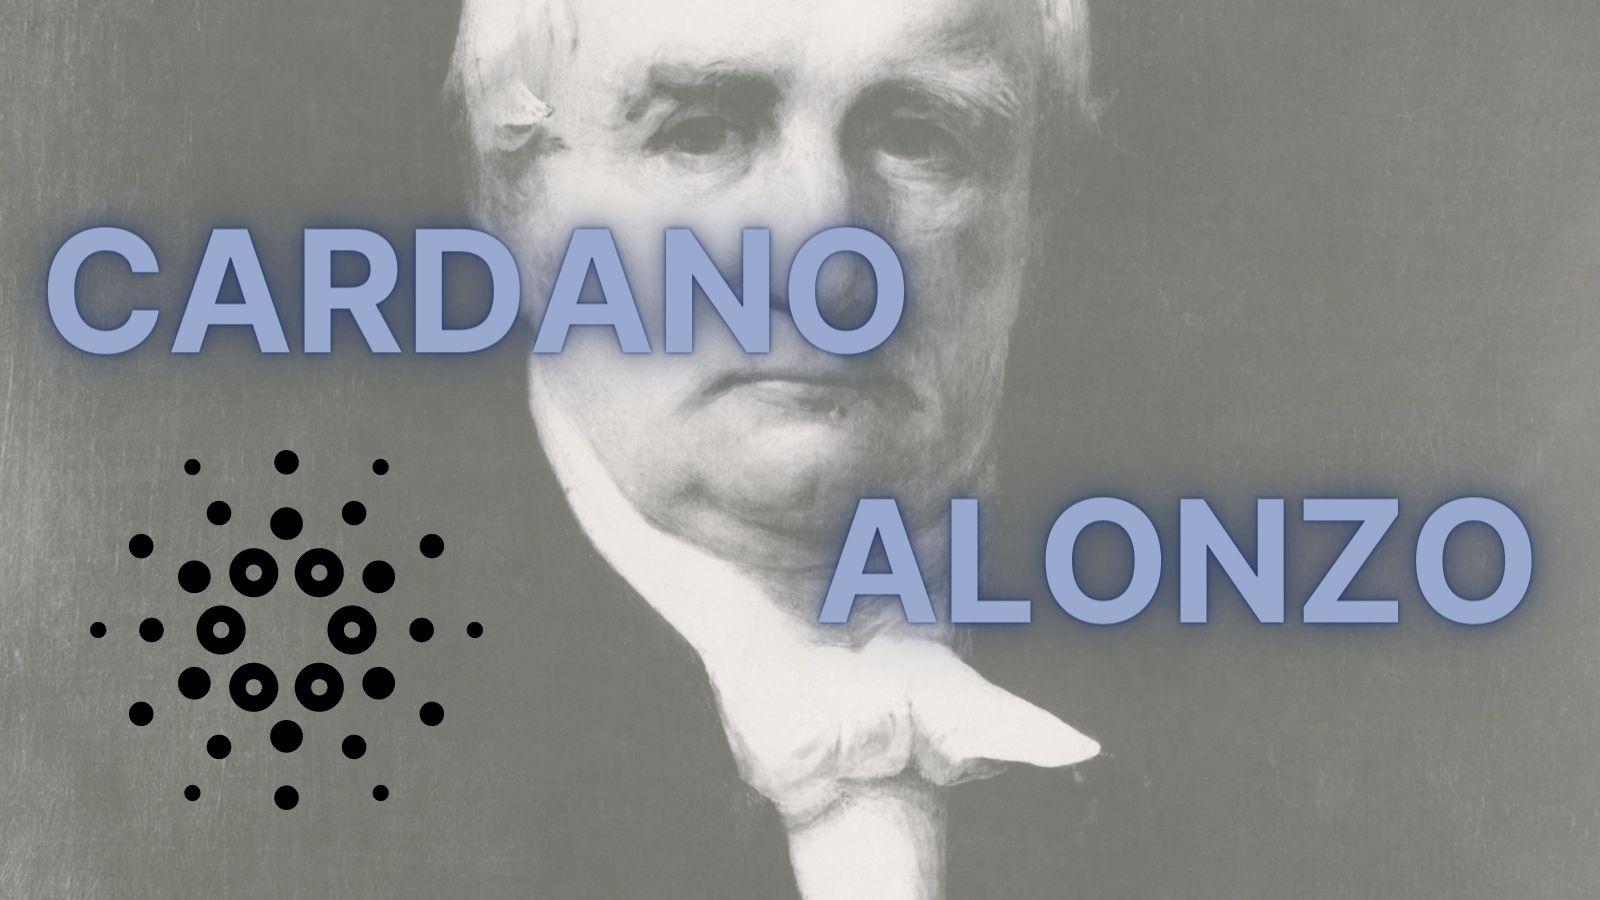 Cardano Alonzo